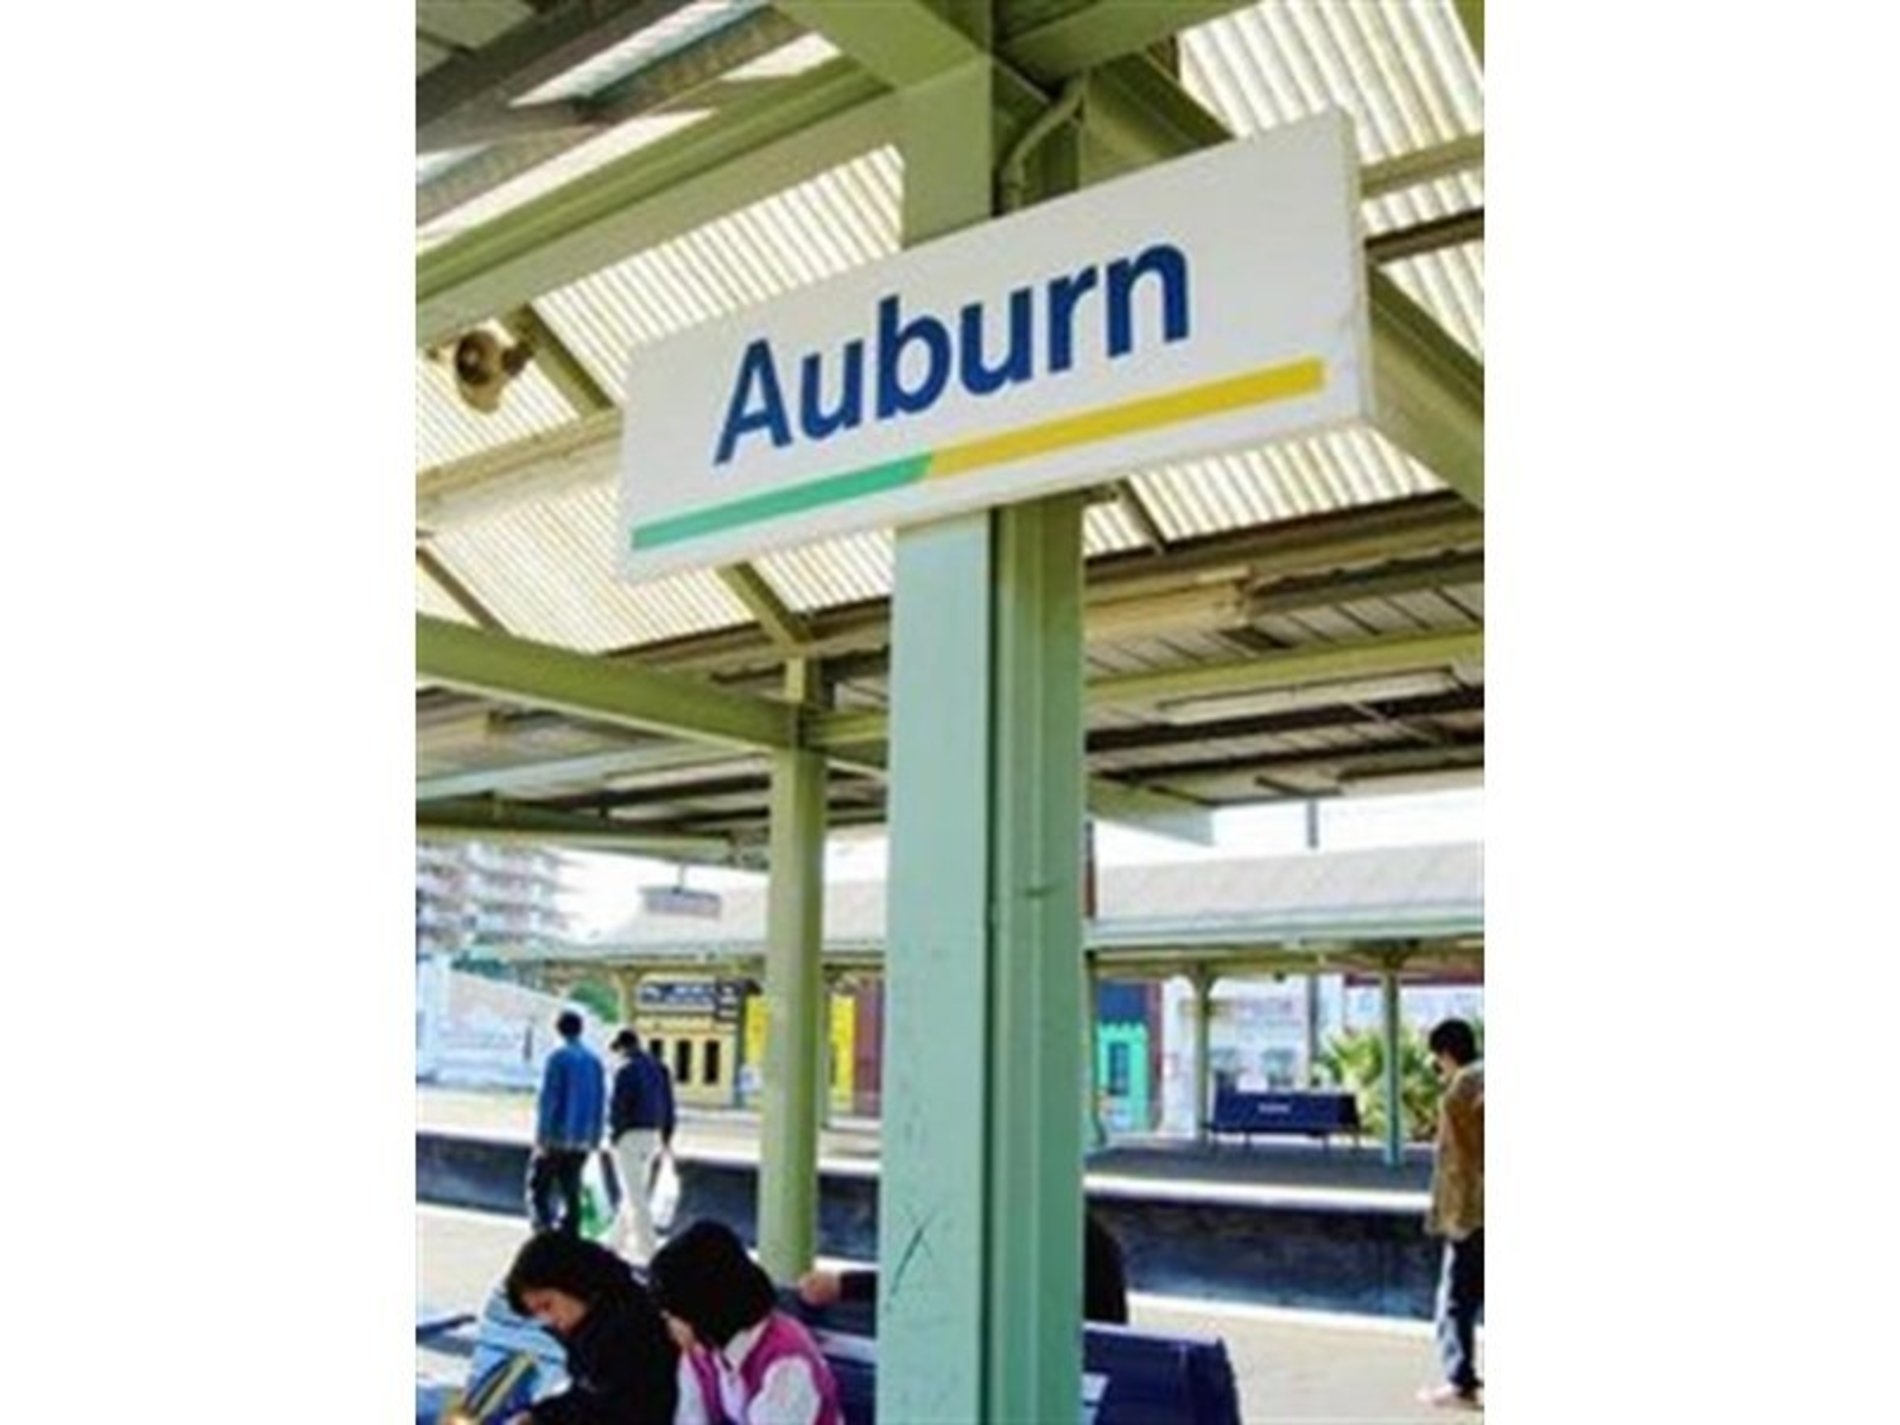 16-18 Simpson St, Auburn